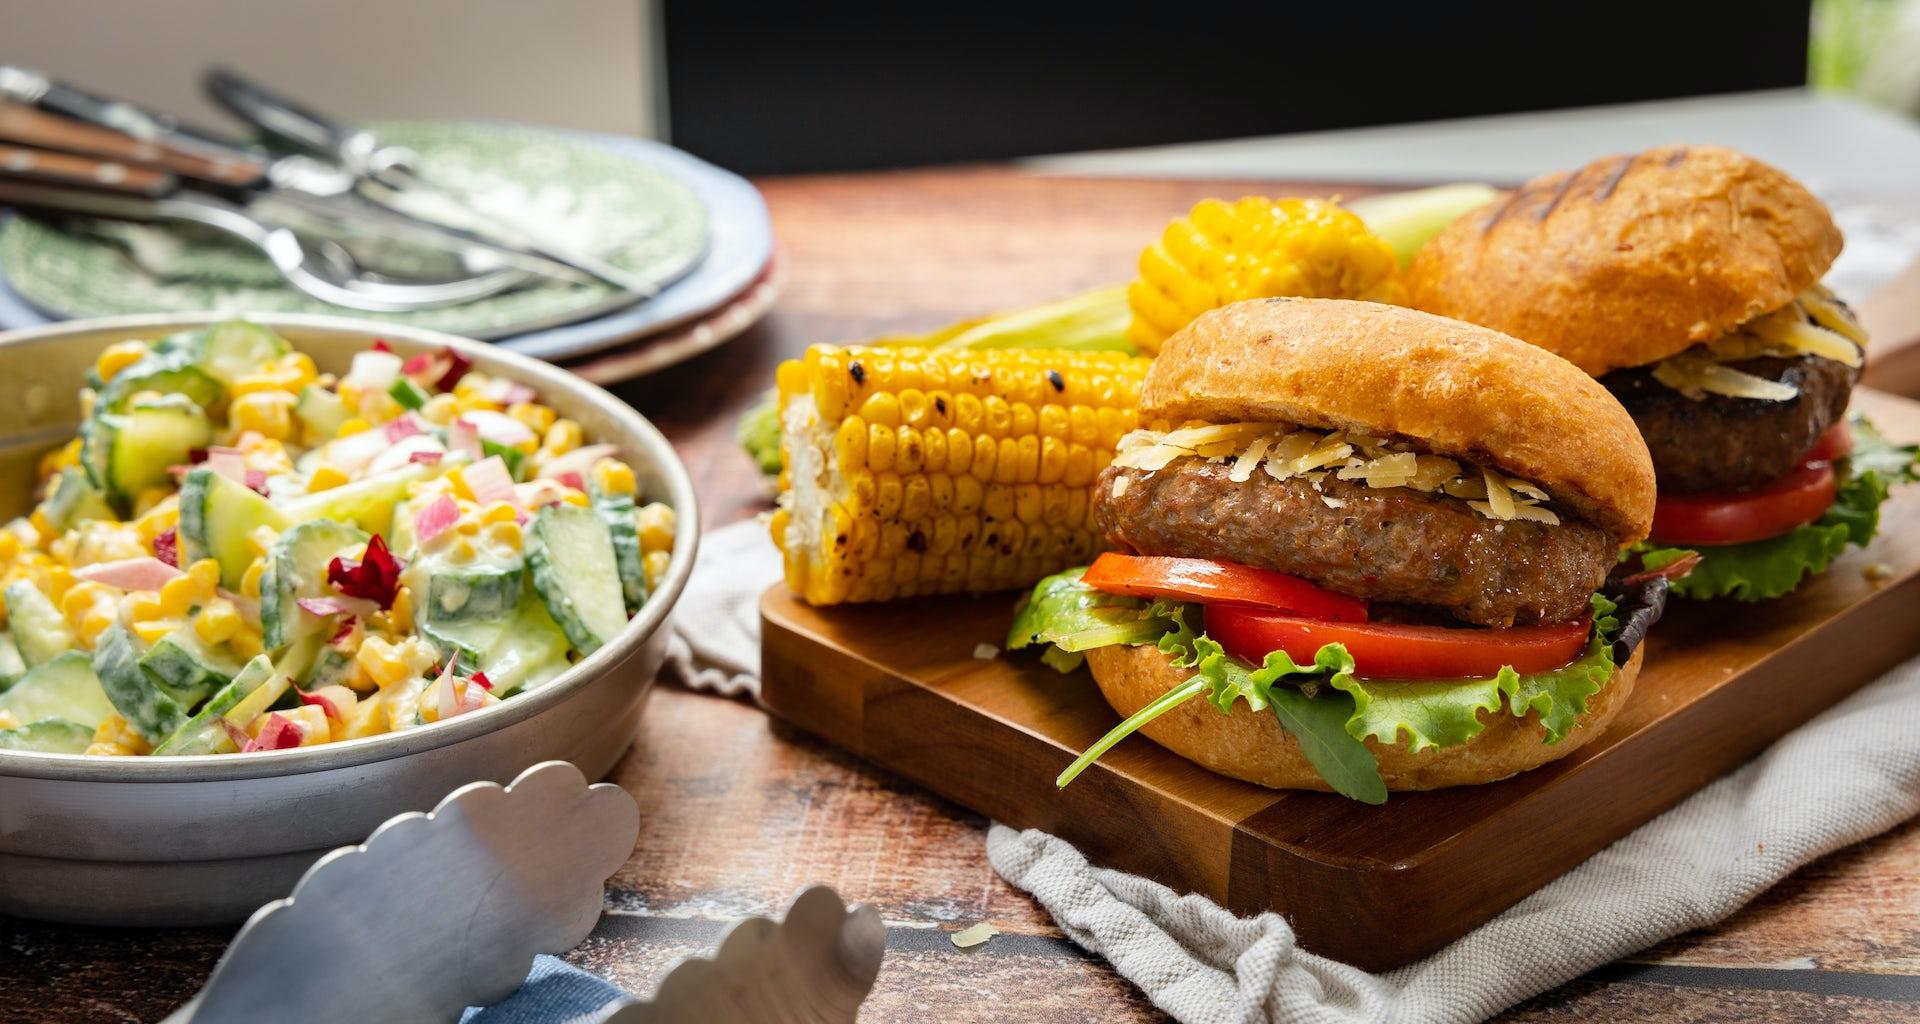 Runderburger met mais en salade | Maaltijdbox recepten